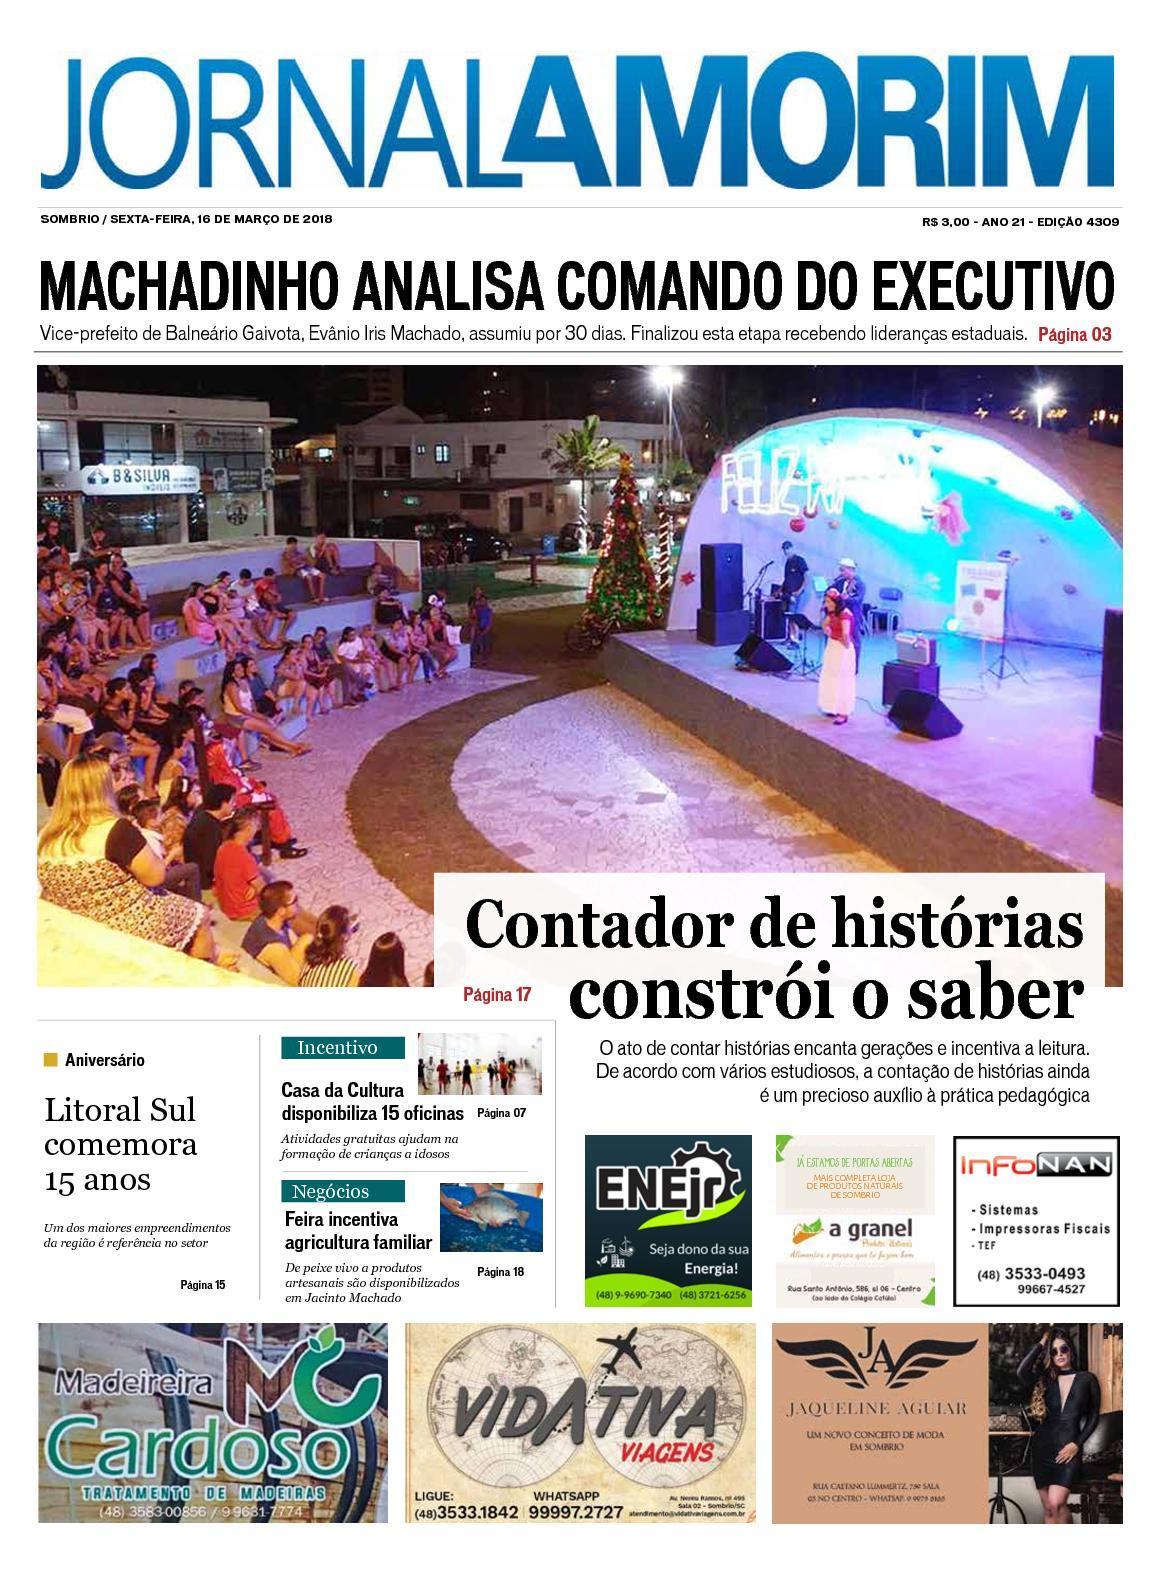 Jornal Amorim - 16-03-2018